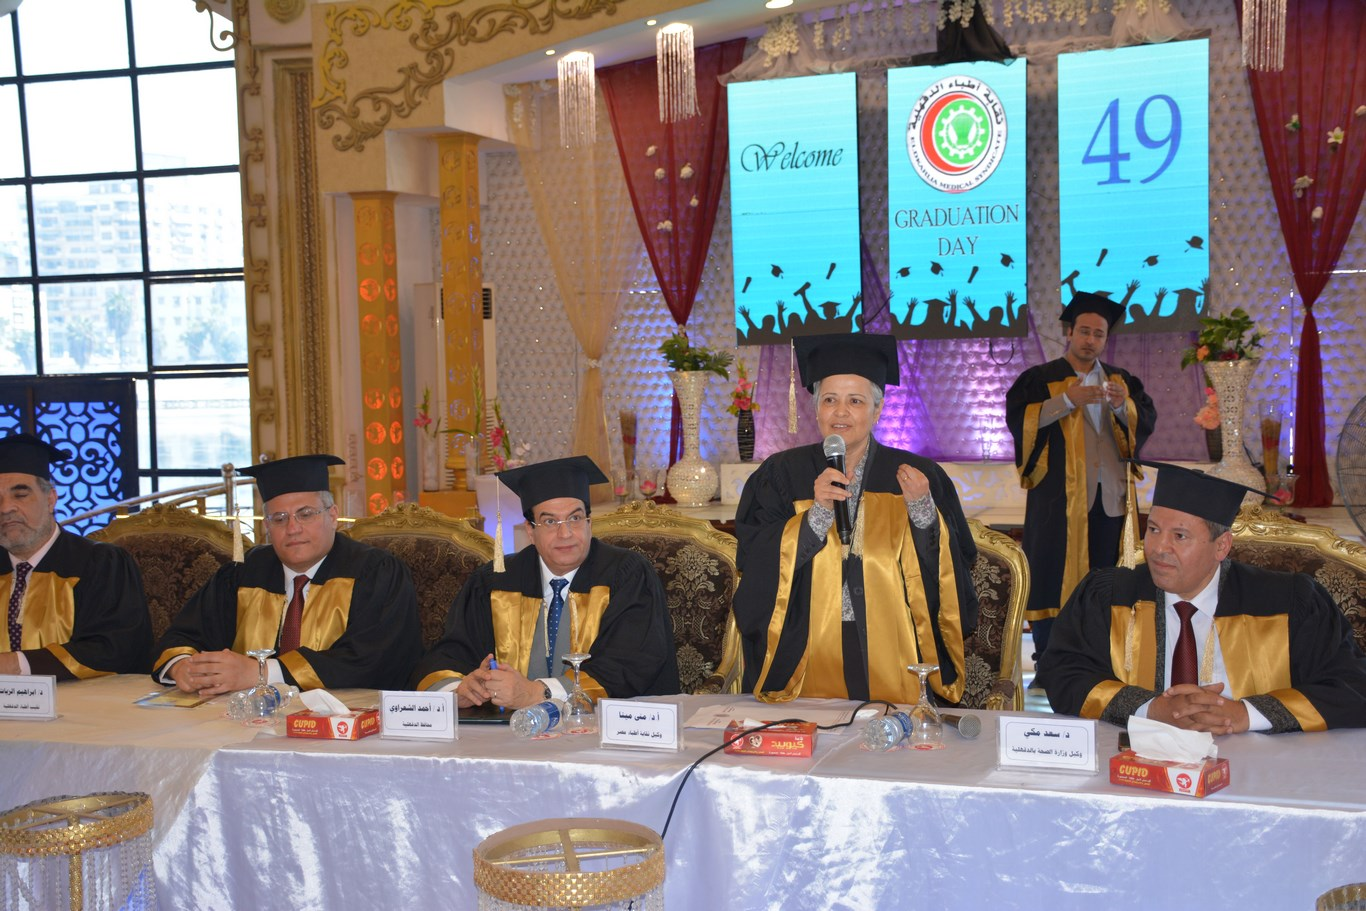 حفل تخريج طلاب الدفعة 49 طب المنصورة  (3)